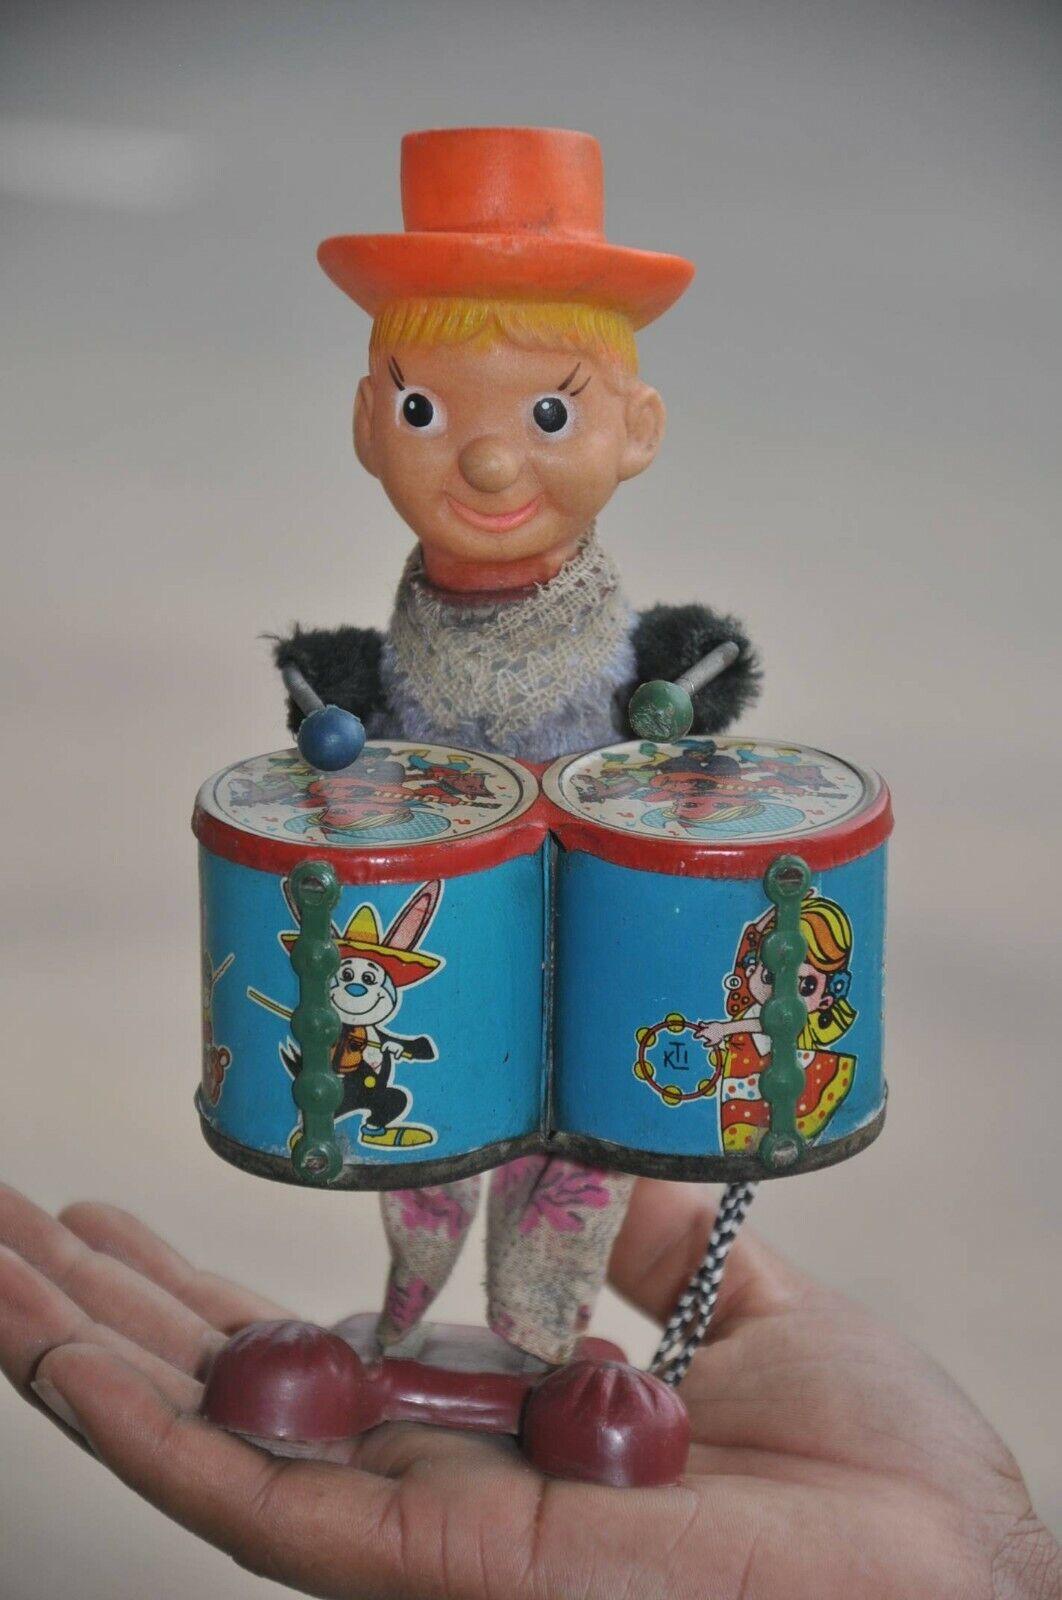 Vintage Wind Up con textura de tela Payaso doble baterista Litografía de juguete de estaño